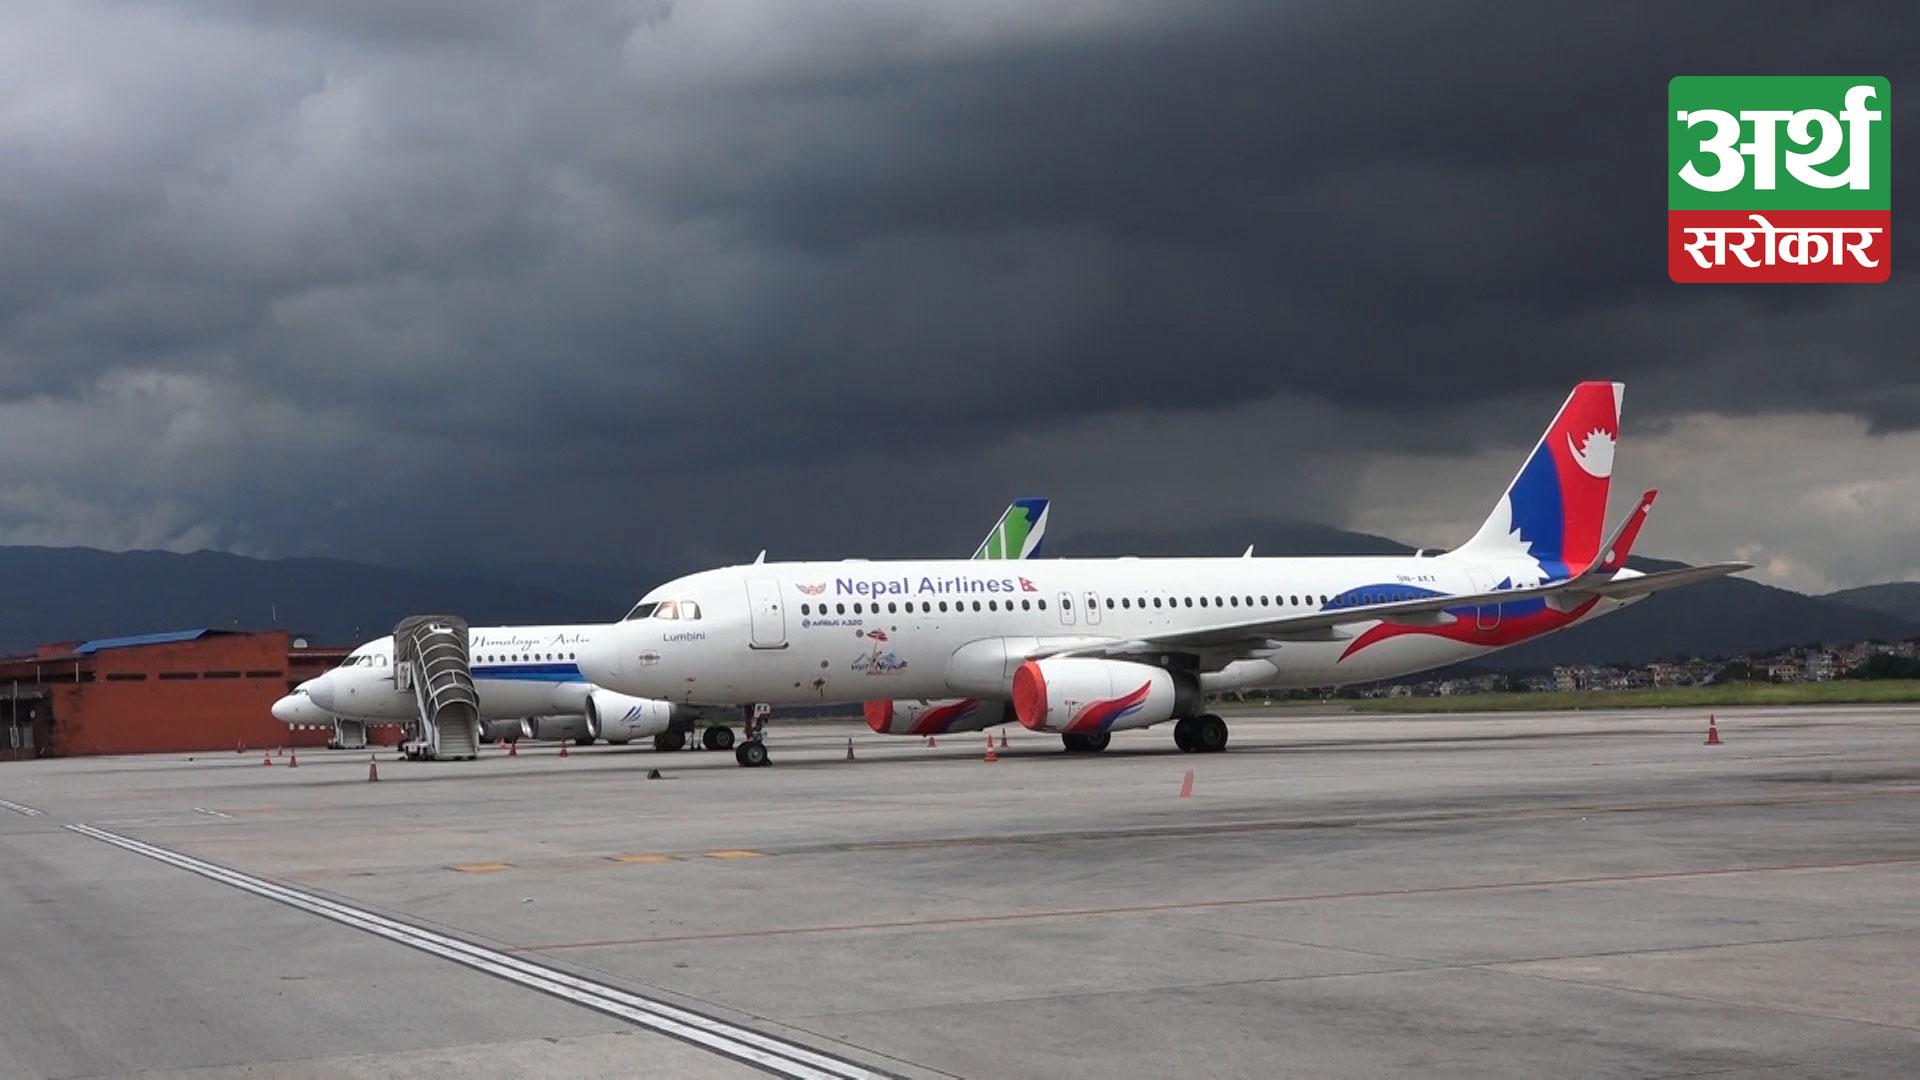 NAC resumes regular flight at Suketar airport from today